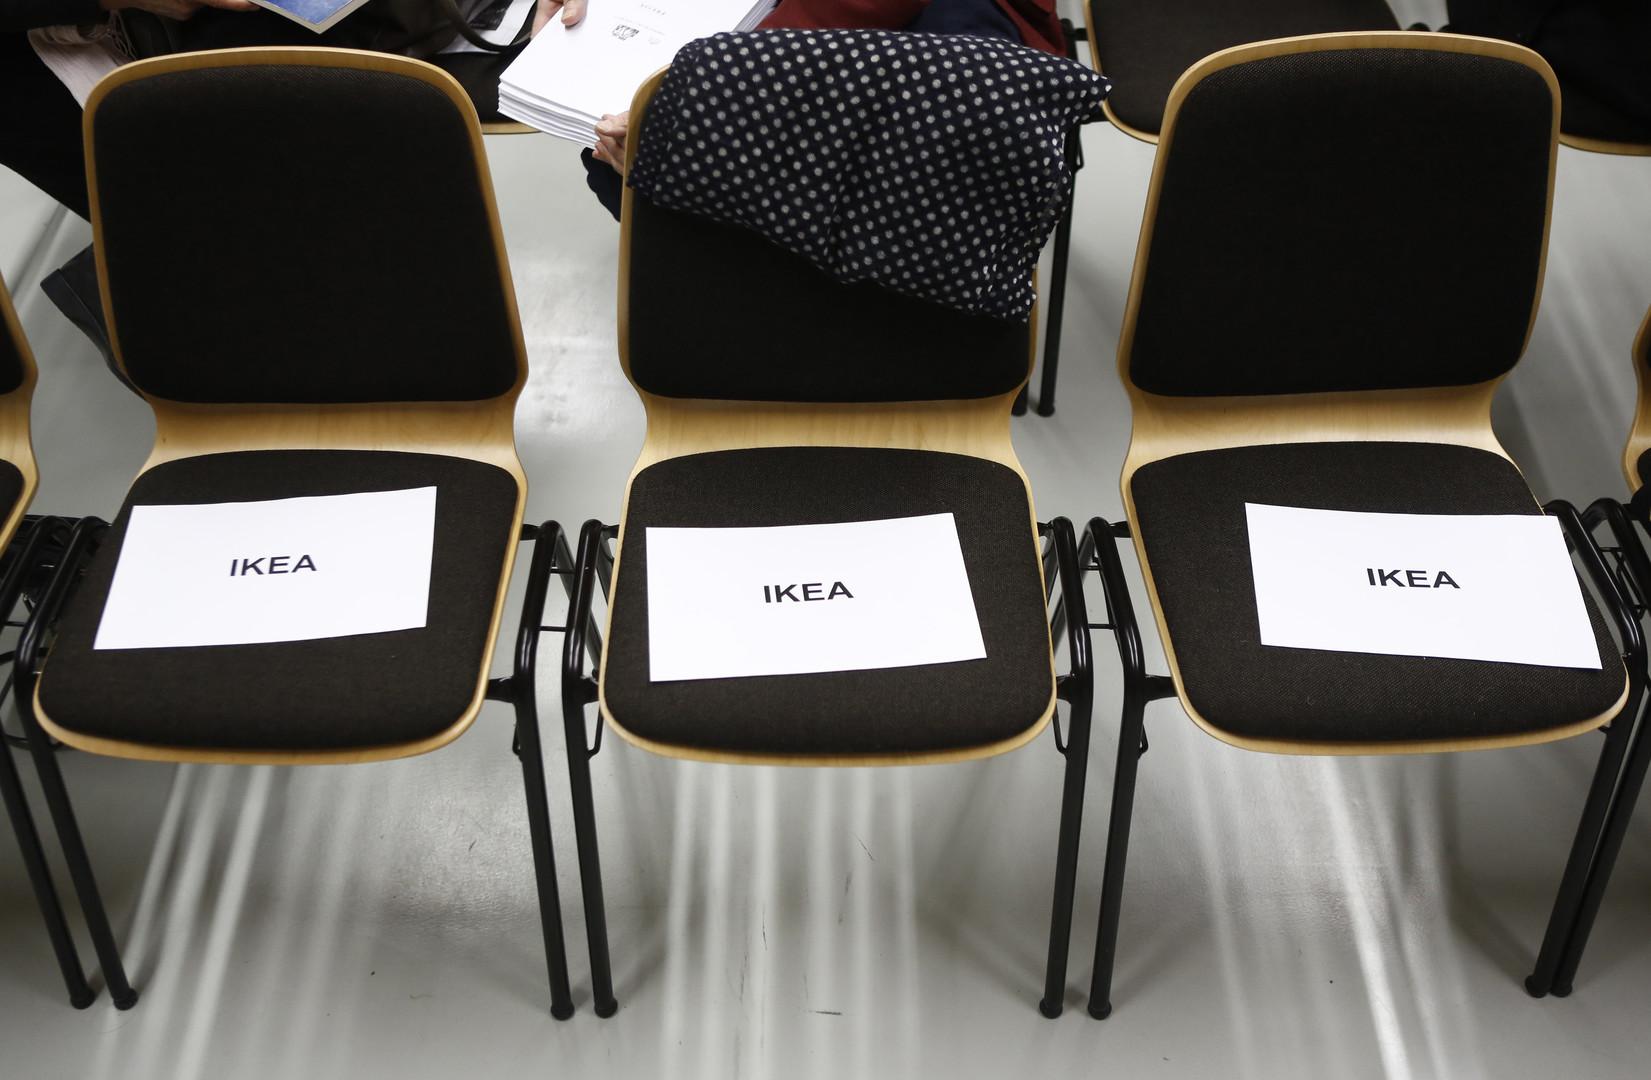 Ikea bald auf der Anklagebank?